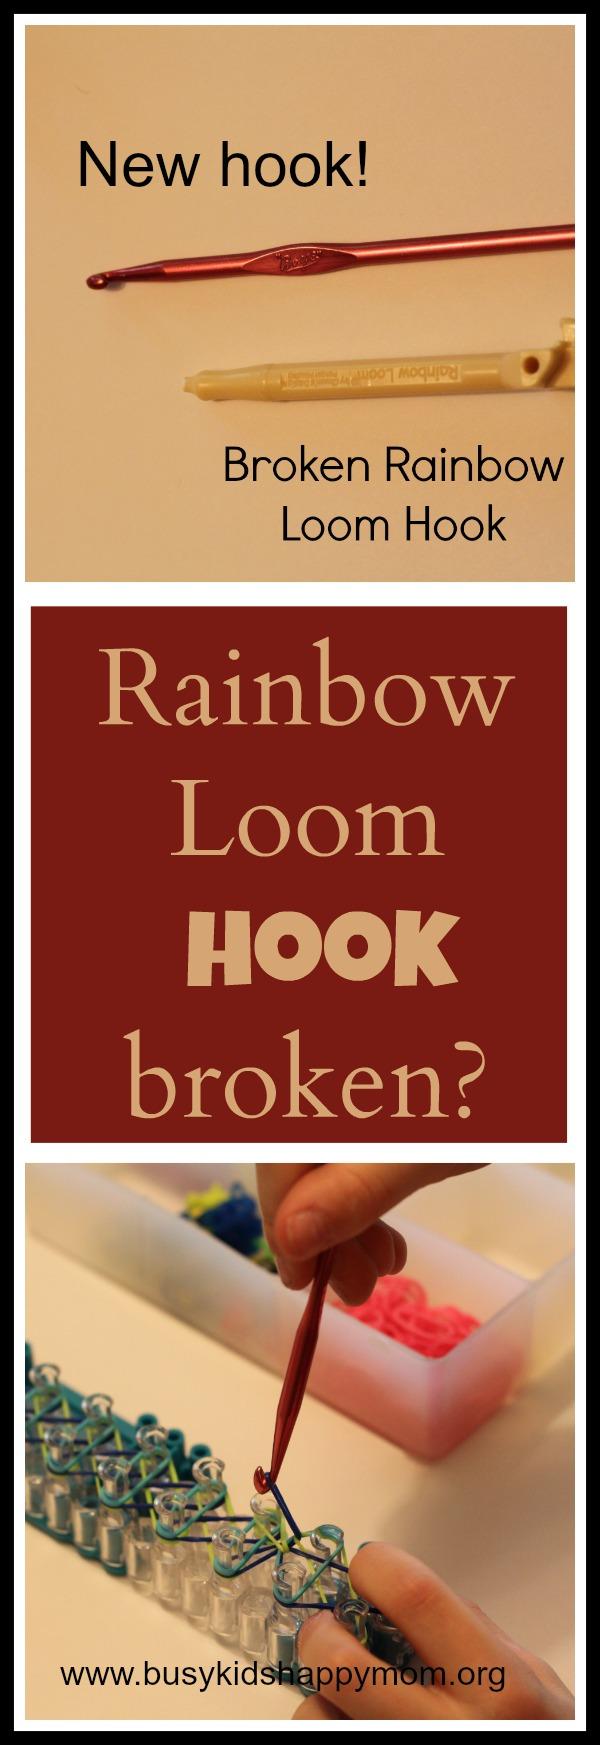 Rainbow Loom repalcement hook